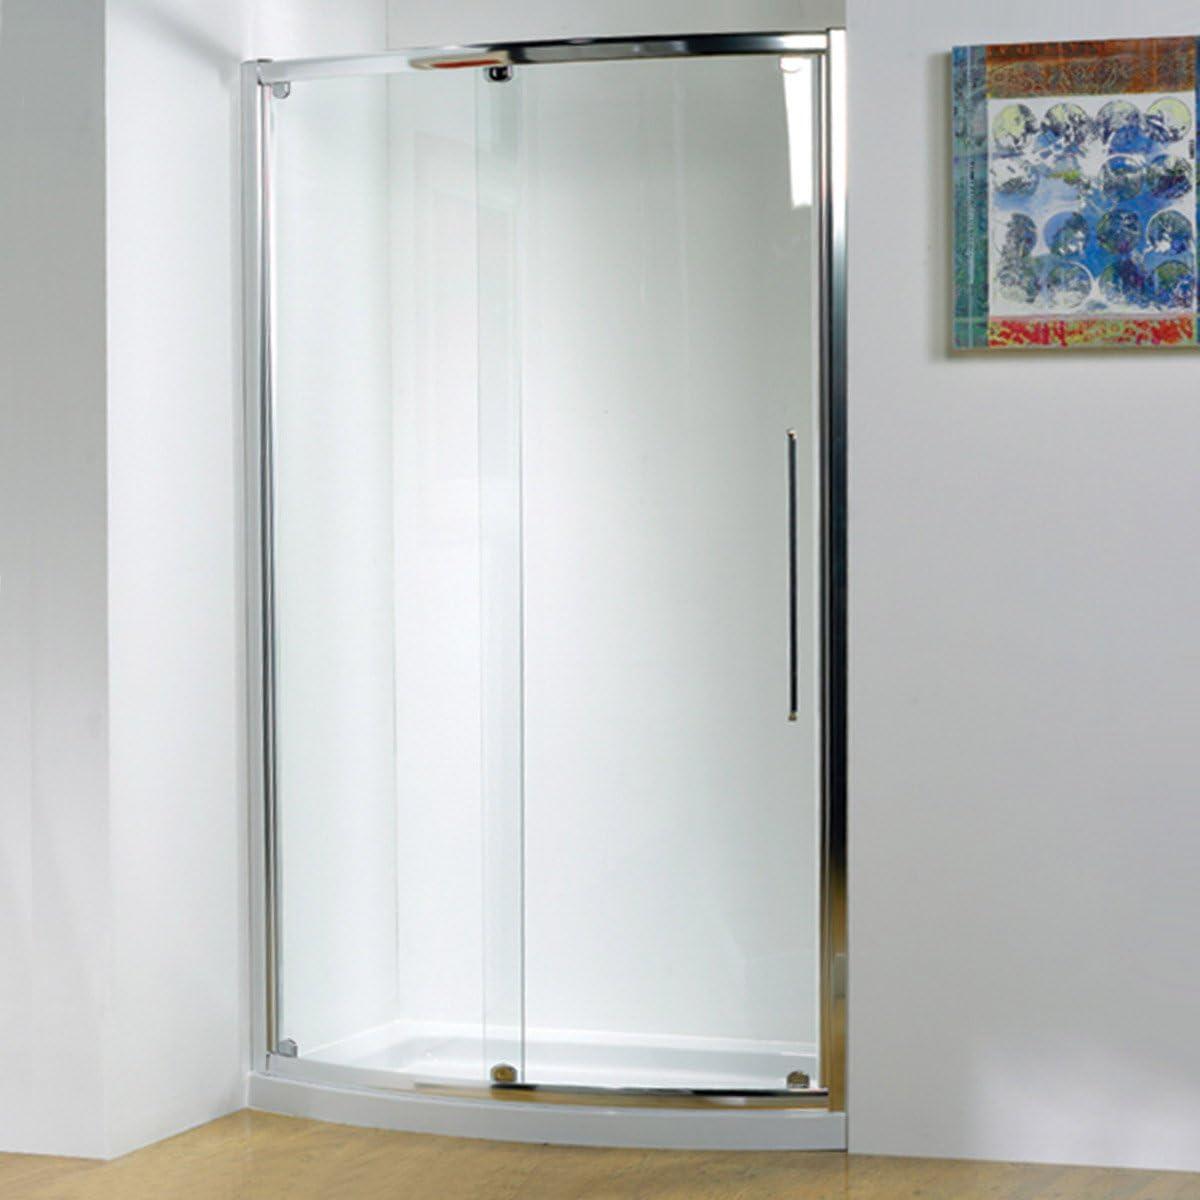 Kudos Original doblegado deslizante de ducha recinto 1500 con concepto 2 bandeja de ducha: Amazon.es: Hogar